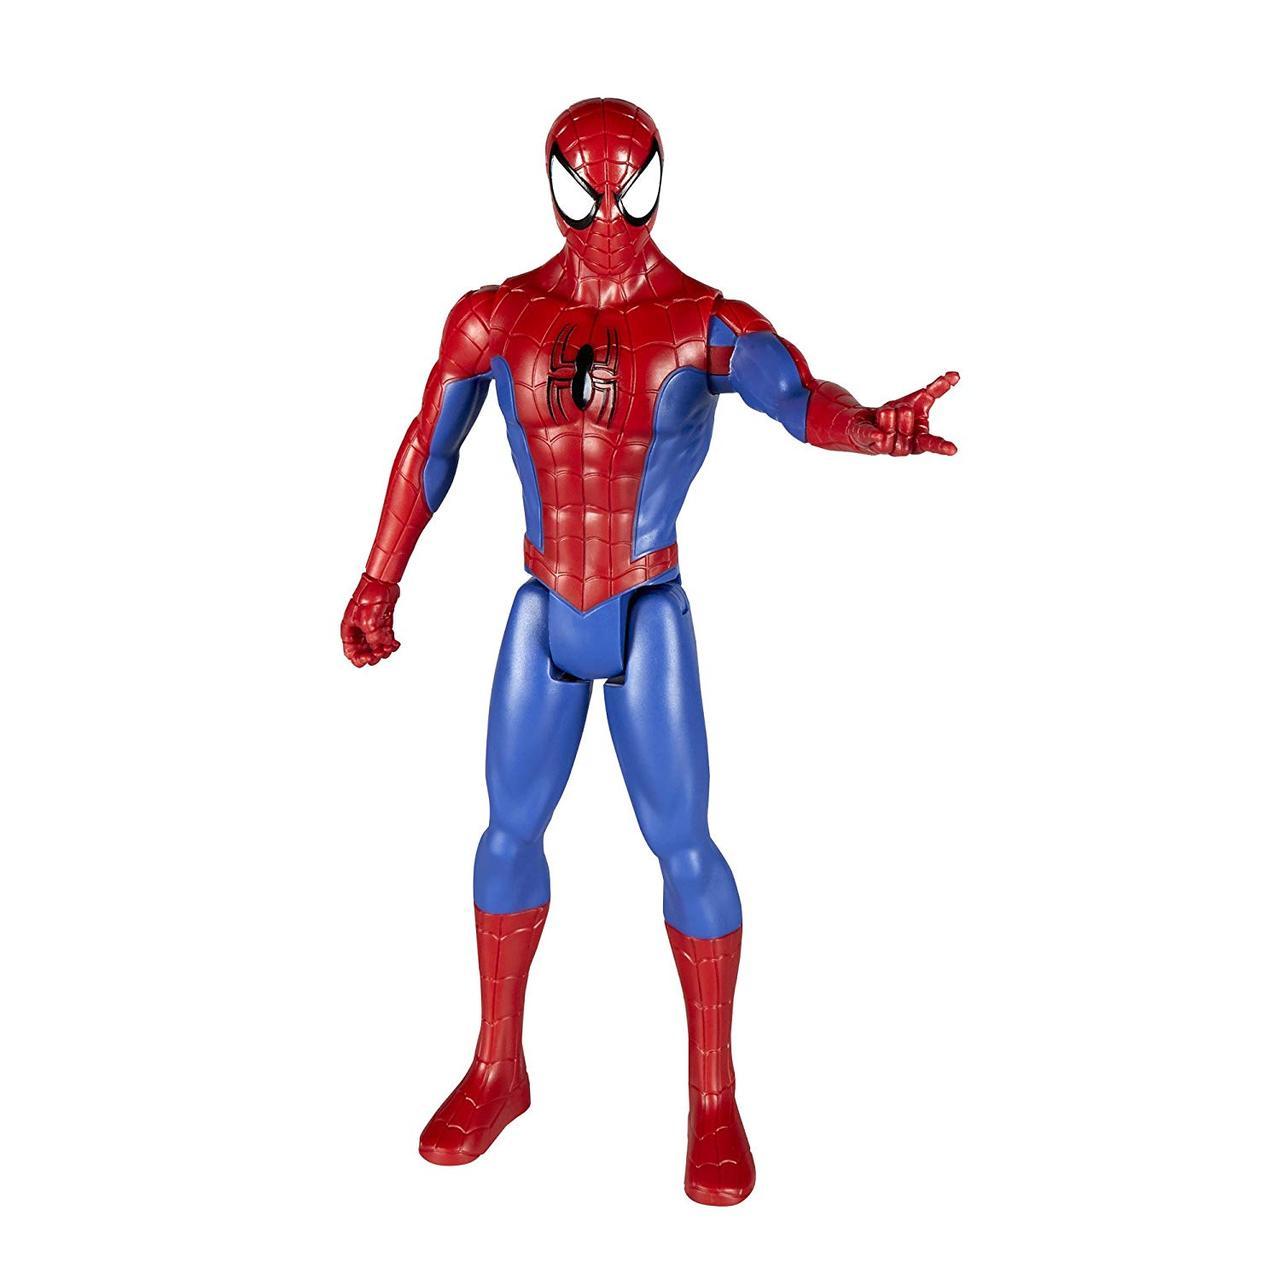 Фигурка герои Марвел (Avengers - Мстители) Человек Паук | Spider-Man 30 см со звуком Marvel scs